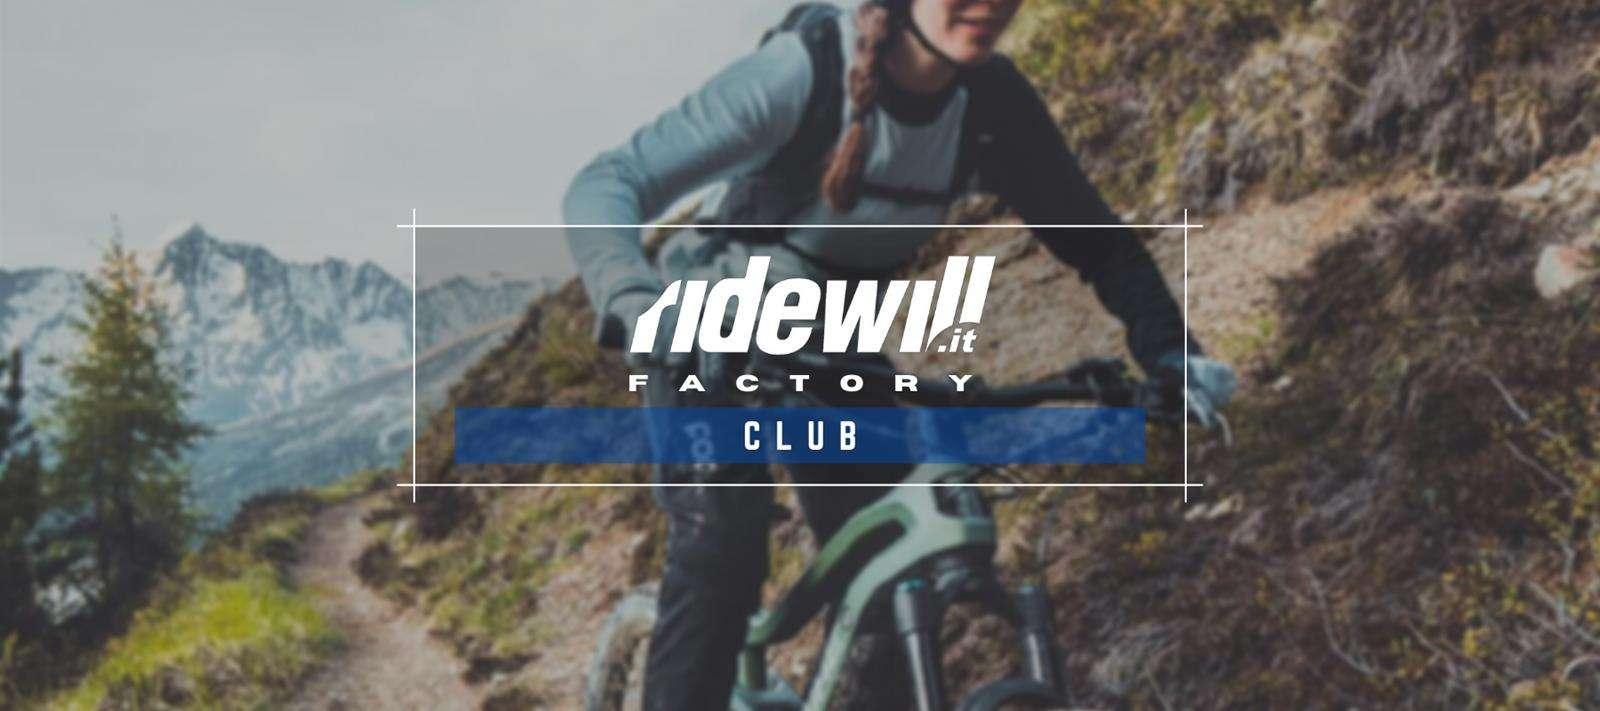 Ridewill Factory Club - Il club esclusivo dedicato alle e-Bike che hai sempre sognato!